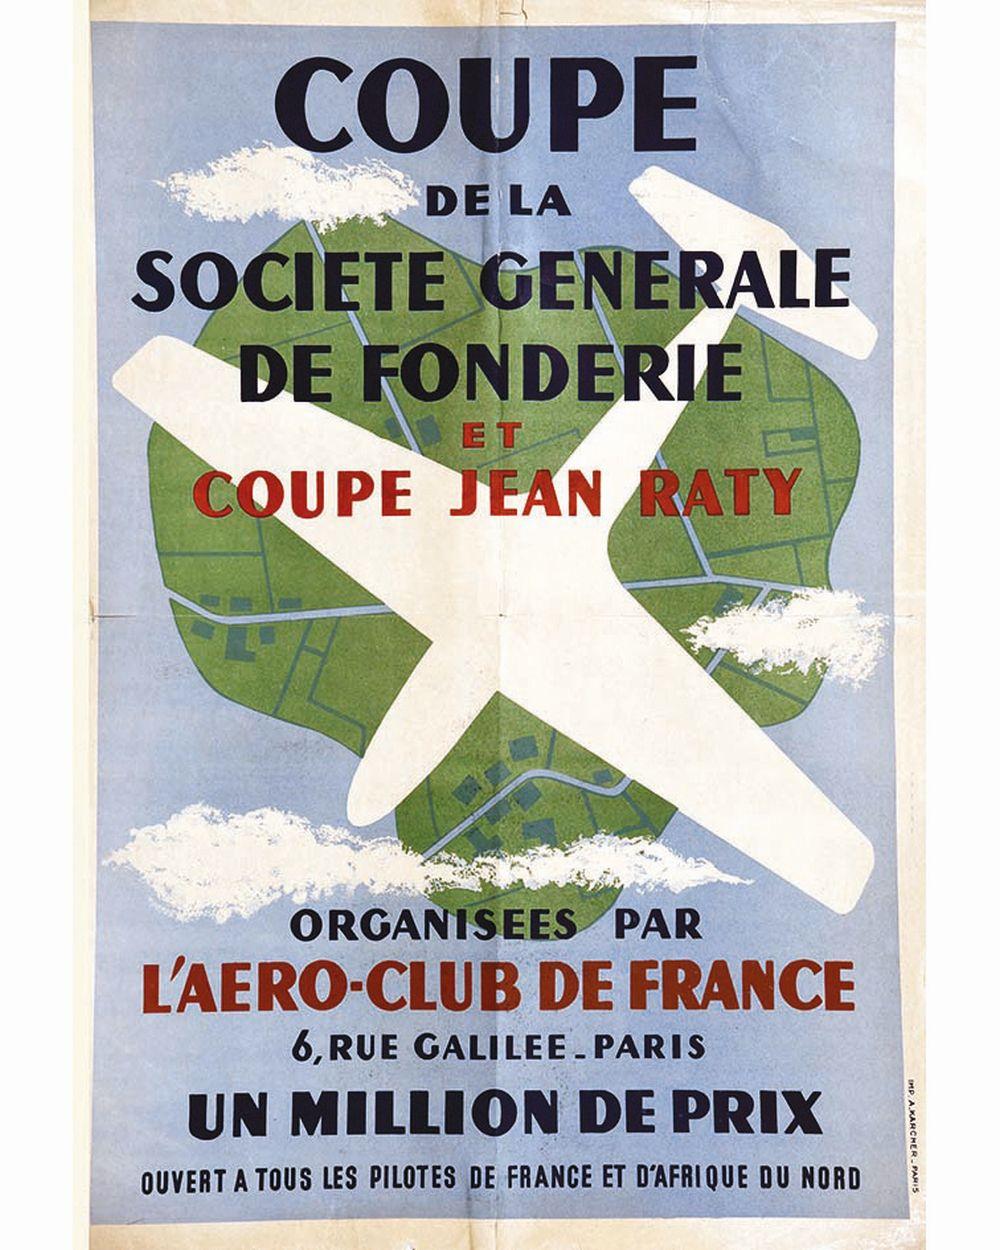 Aéro-Club de France Coupe de la Société Générale de Fonderie et Coupe Jean Raty     vers 1950